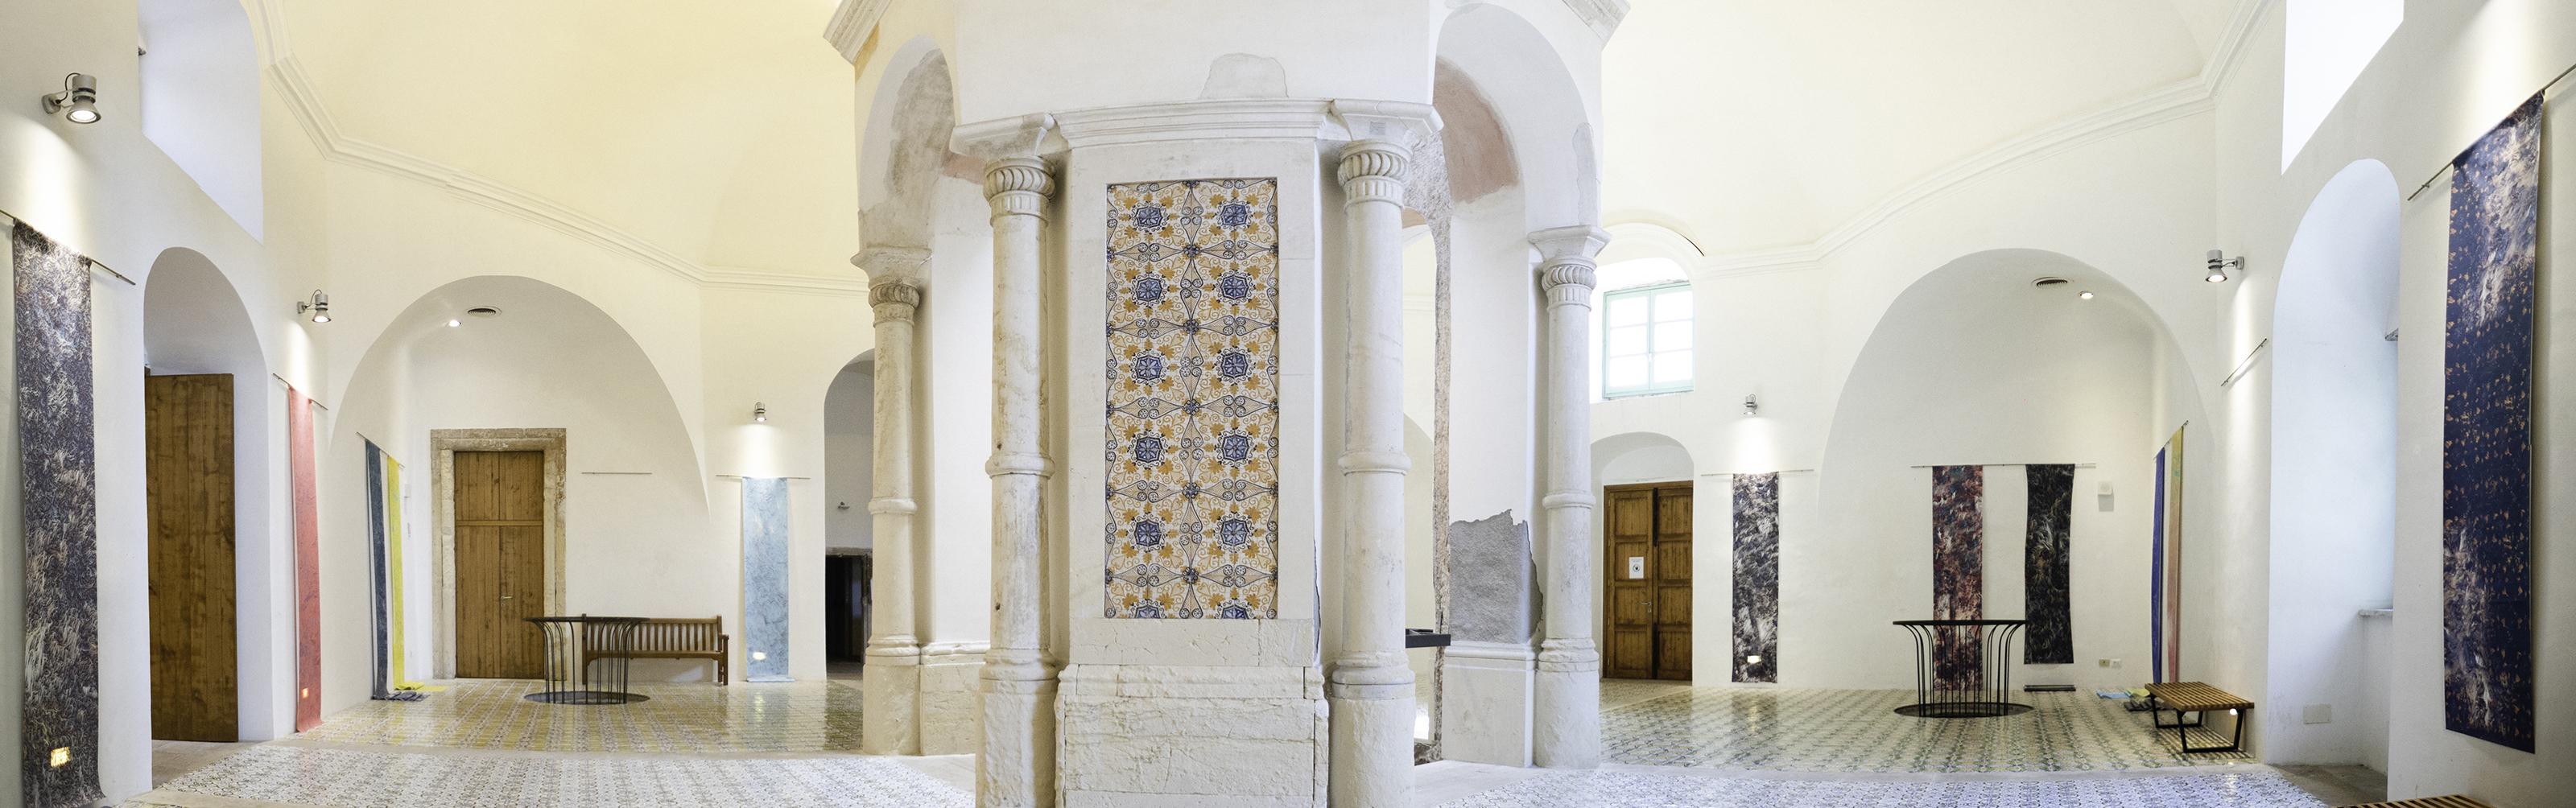 Matteo Mauro - Museo della Fabbrica Monastero Benedettini (215)